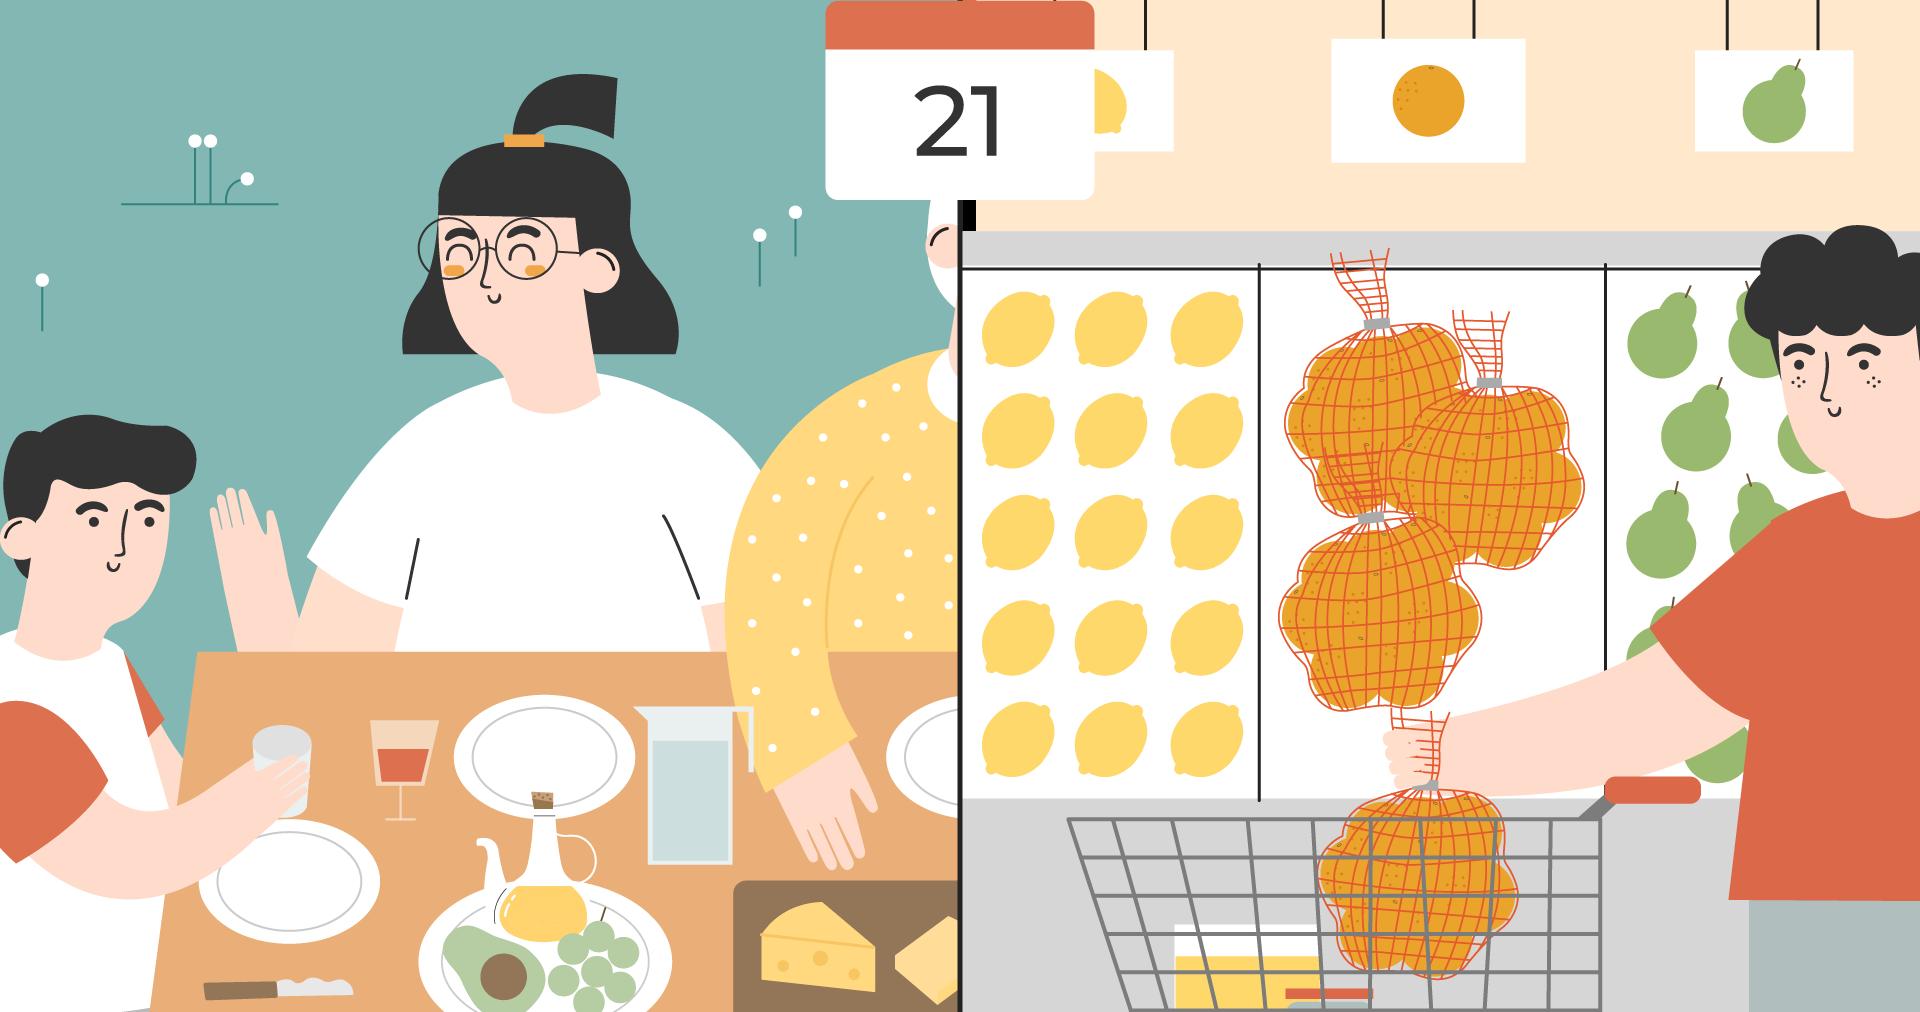 Illustration einer Familie, die Bio-Orangen isst, und einer Person im Supermarkt, die ein Netz mit Orangen kauft.